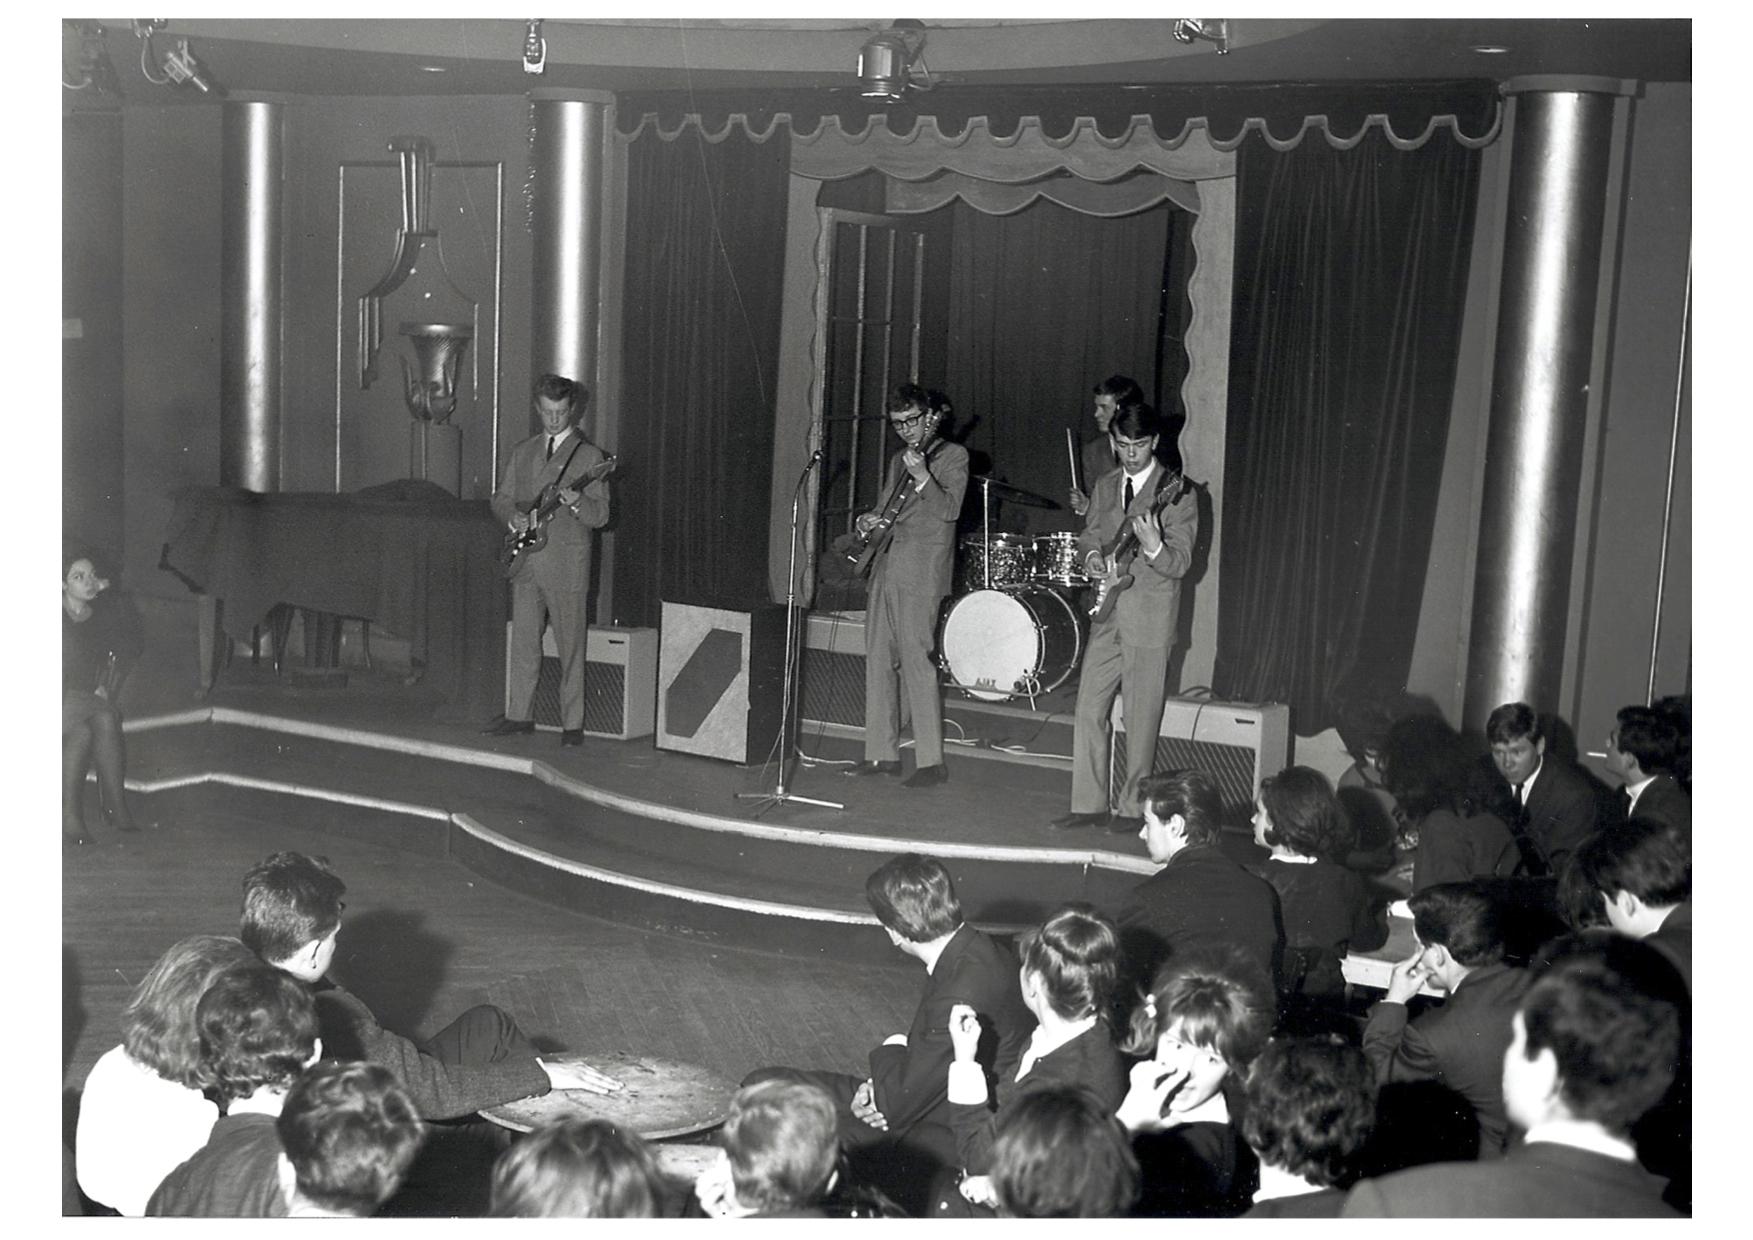 the-krewkats-sur-scene-paris-1962